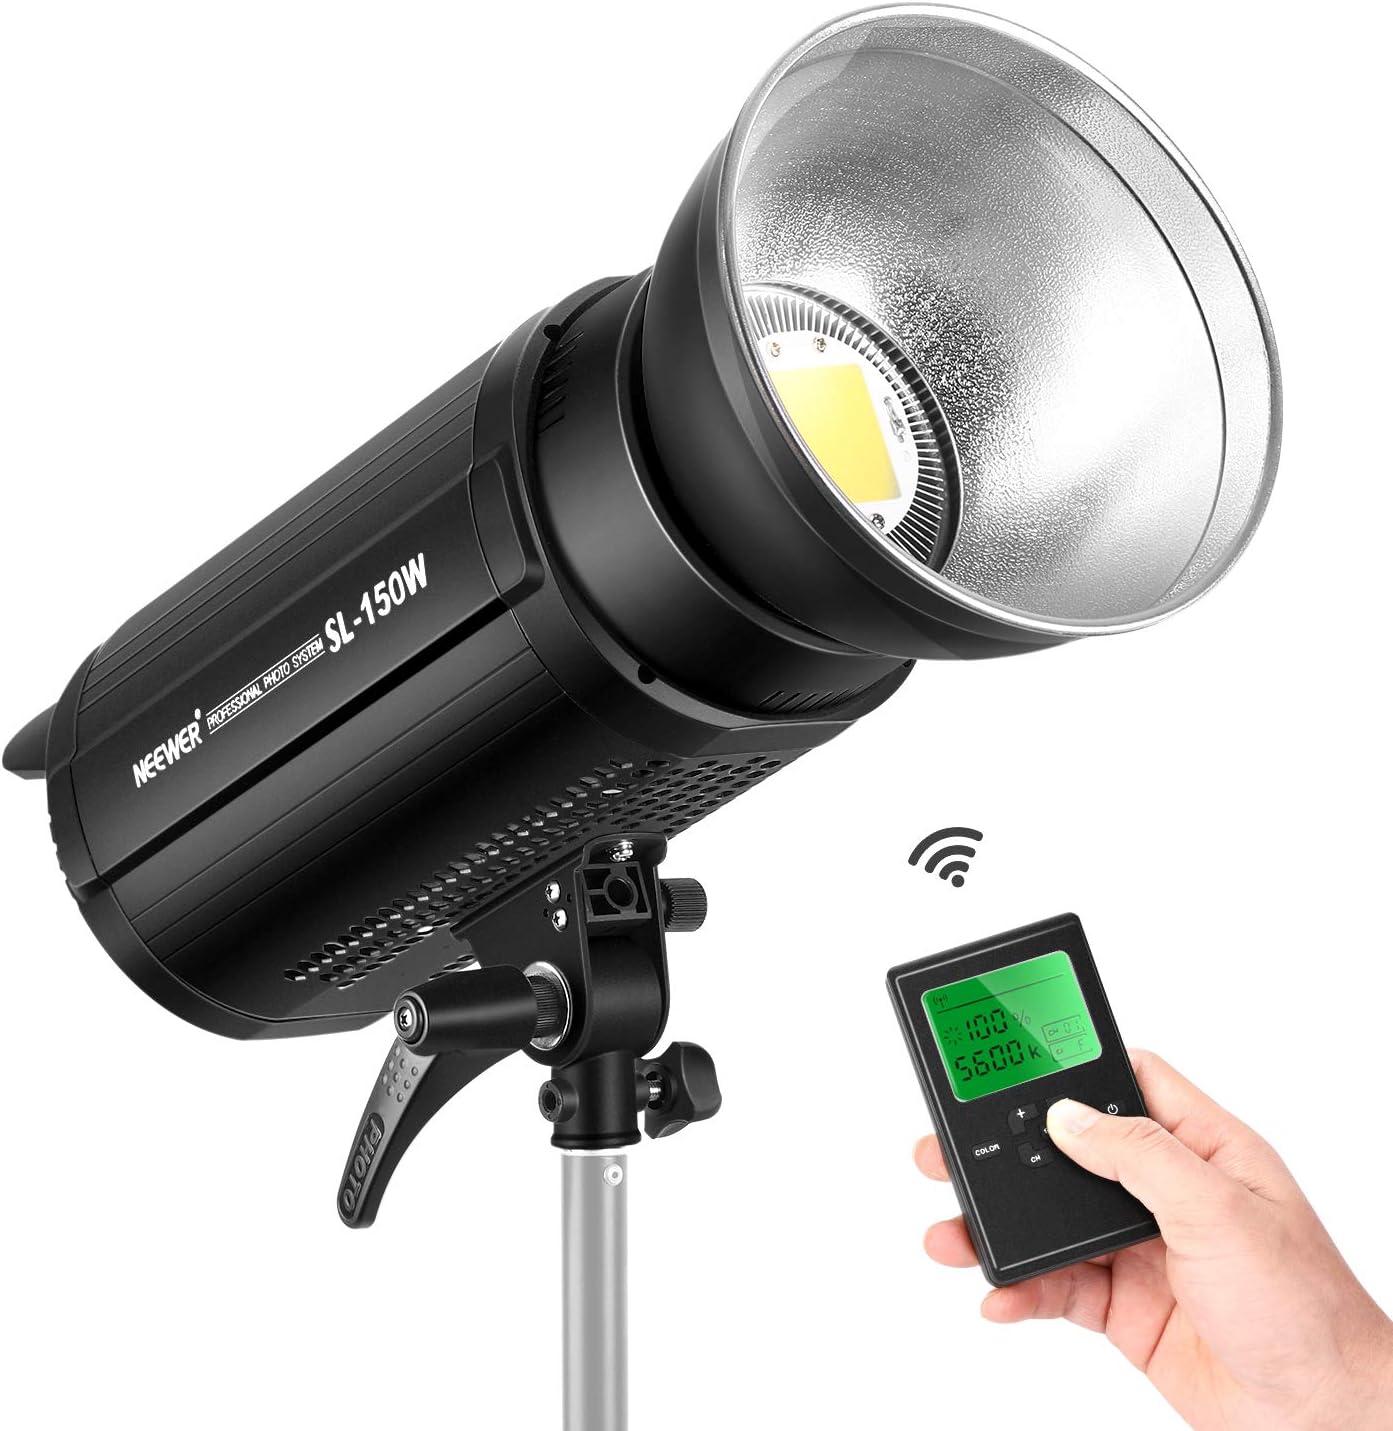 Neewer Luz Video LED 150W 5600K, Iluminación Continua, CRI 95+ con Control Remoto 2.4G y Reflector, Montaje Bowens para Grabación de Video, Fotografía de Retratos, Fotografía al Aire Libre (SL-150W): Amazon.es: Electrónica